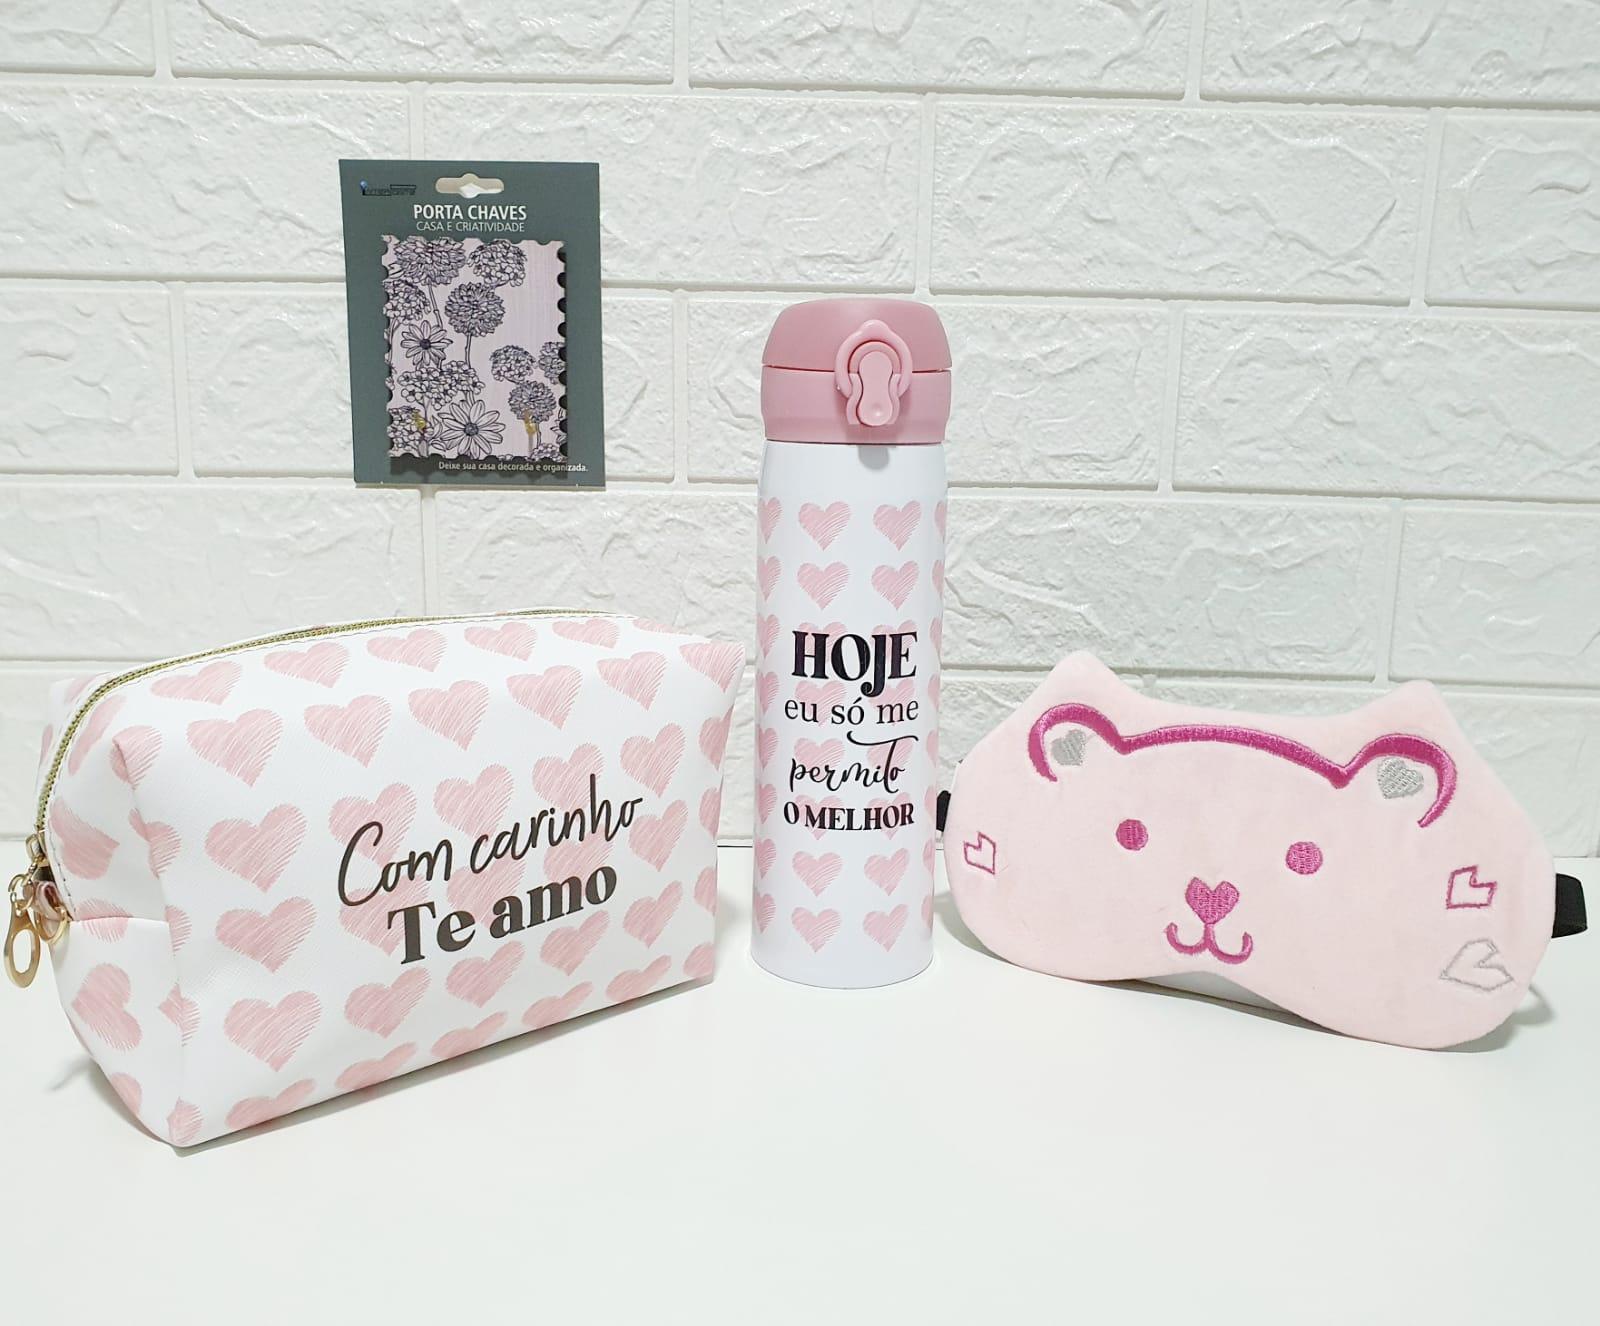 Conjunto Coração com carinho (rosa e branco)